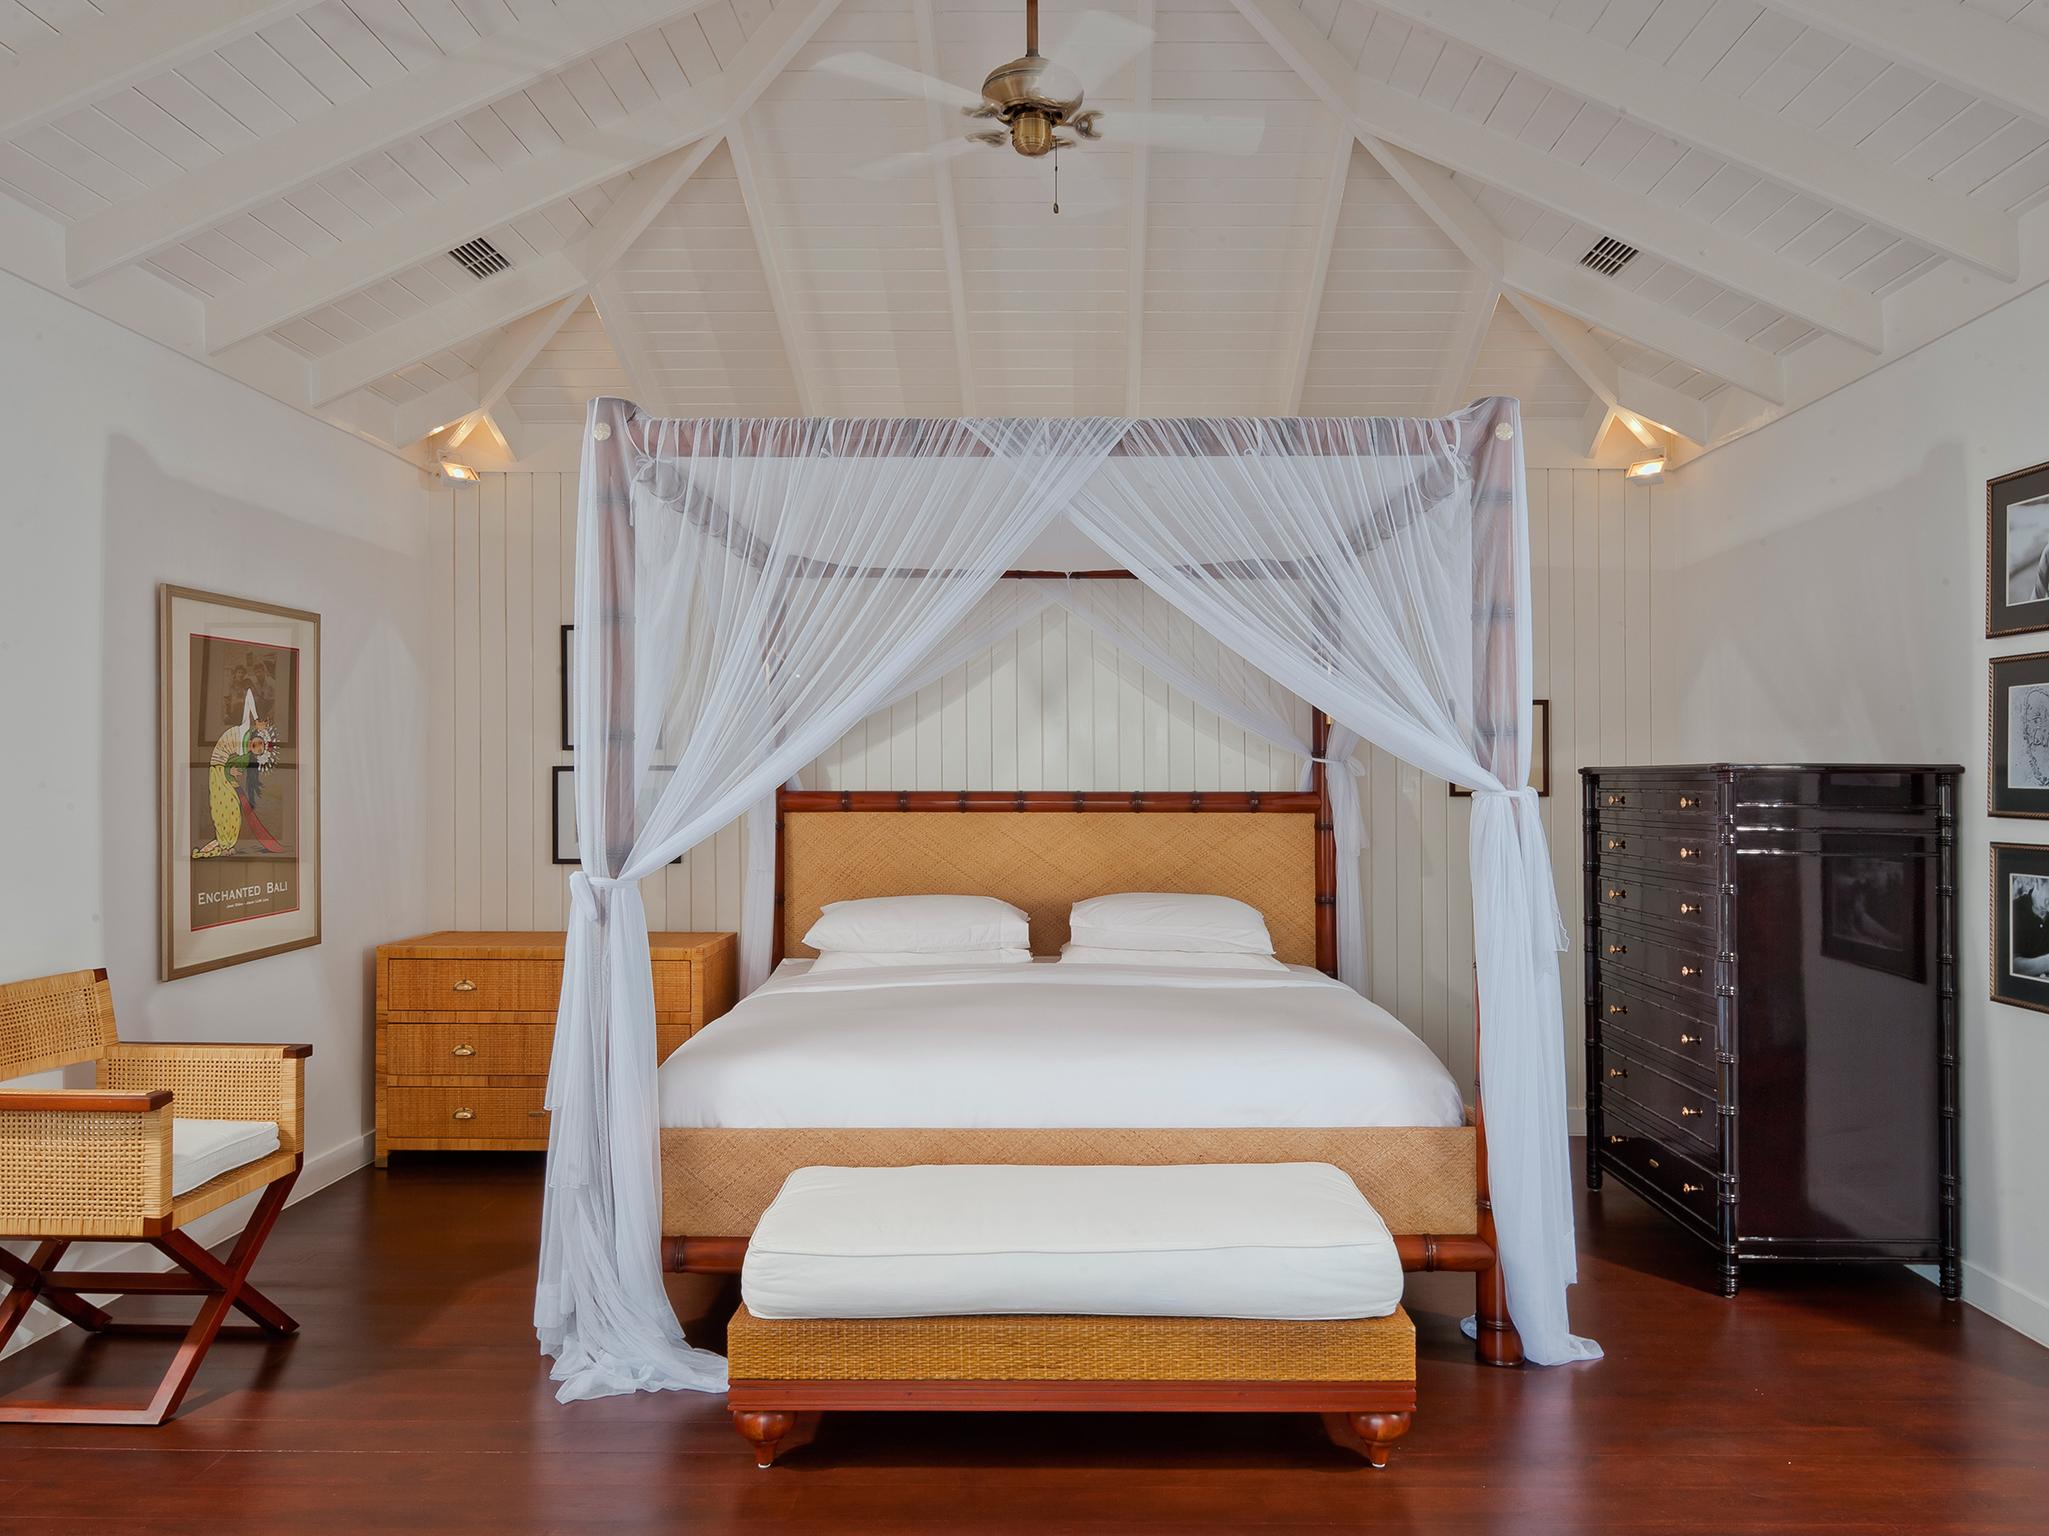 7-villa-lulito-a-typical-bedroom